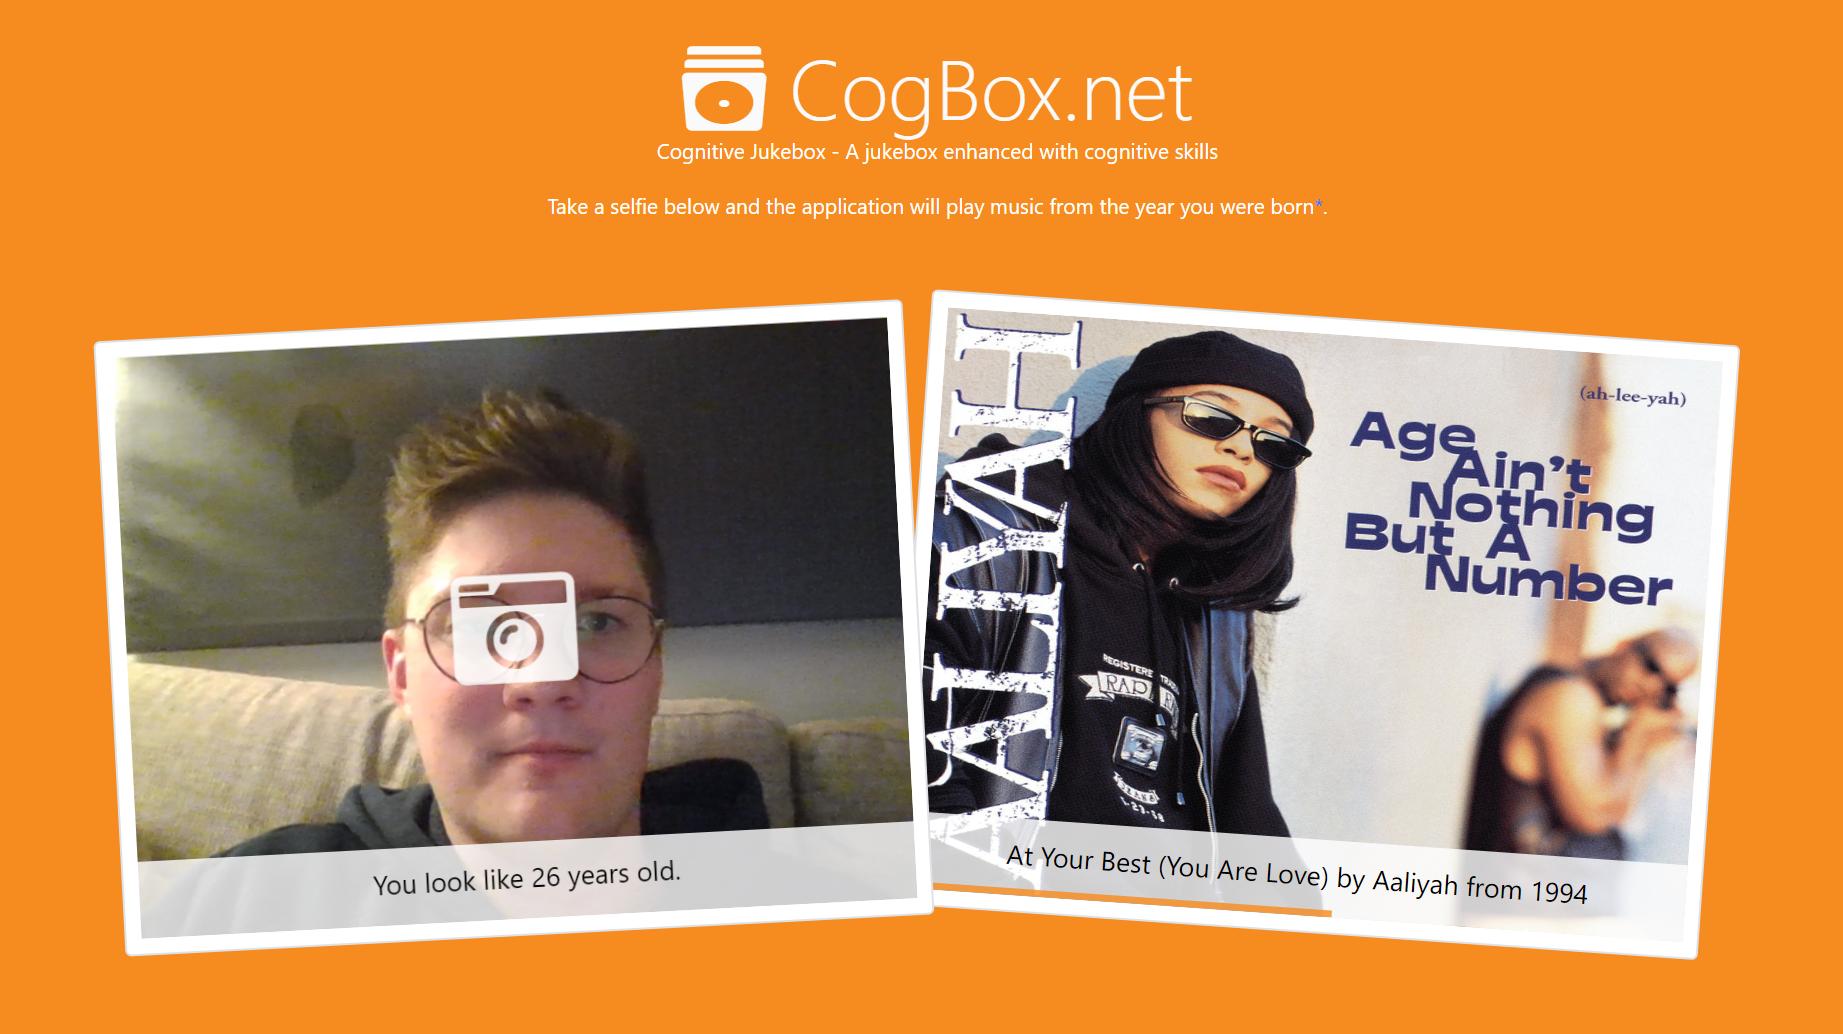 CogBox.net